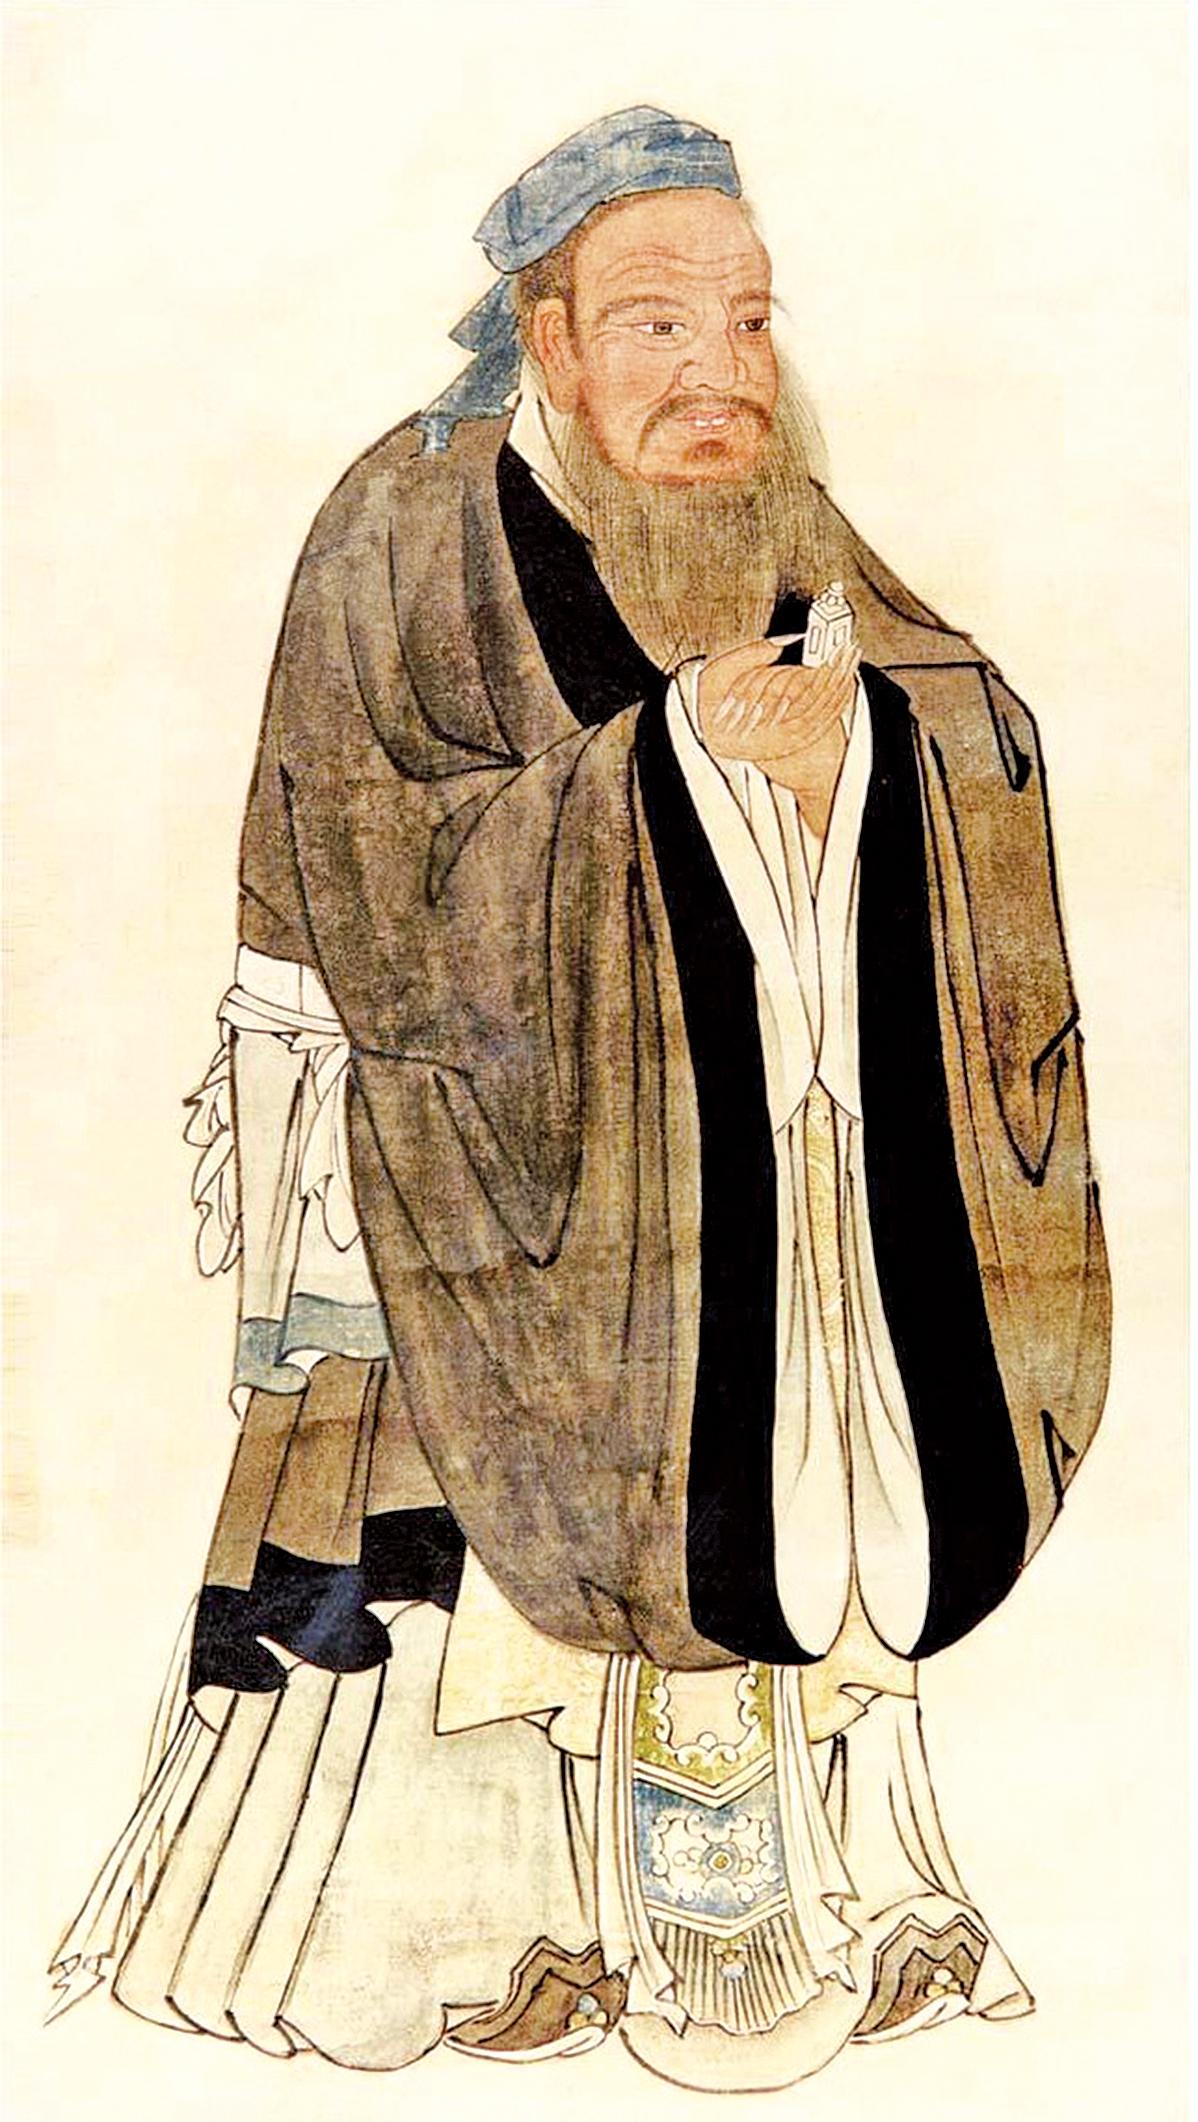 孔子聖蹟圖(公有領域)